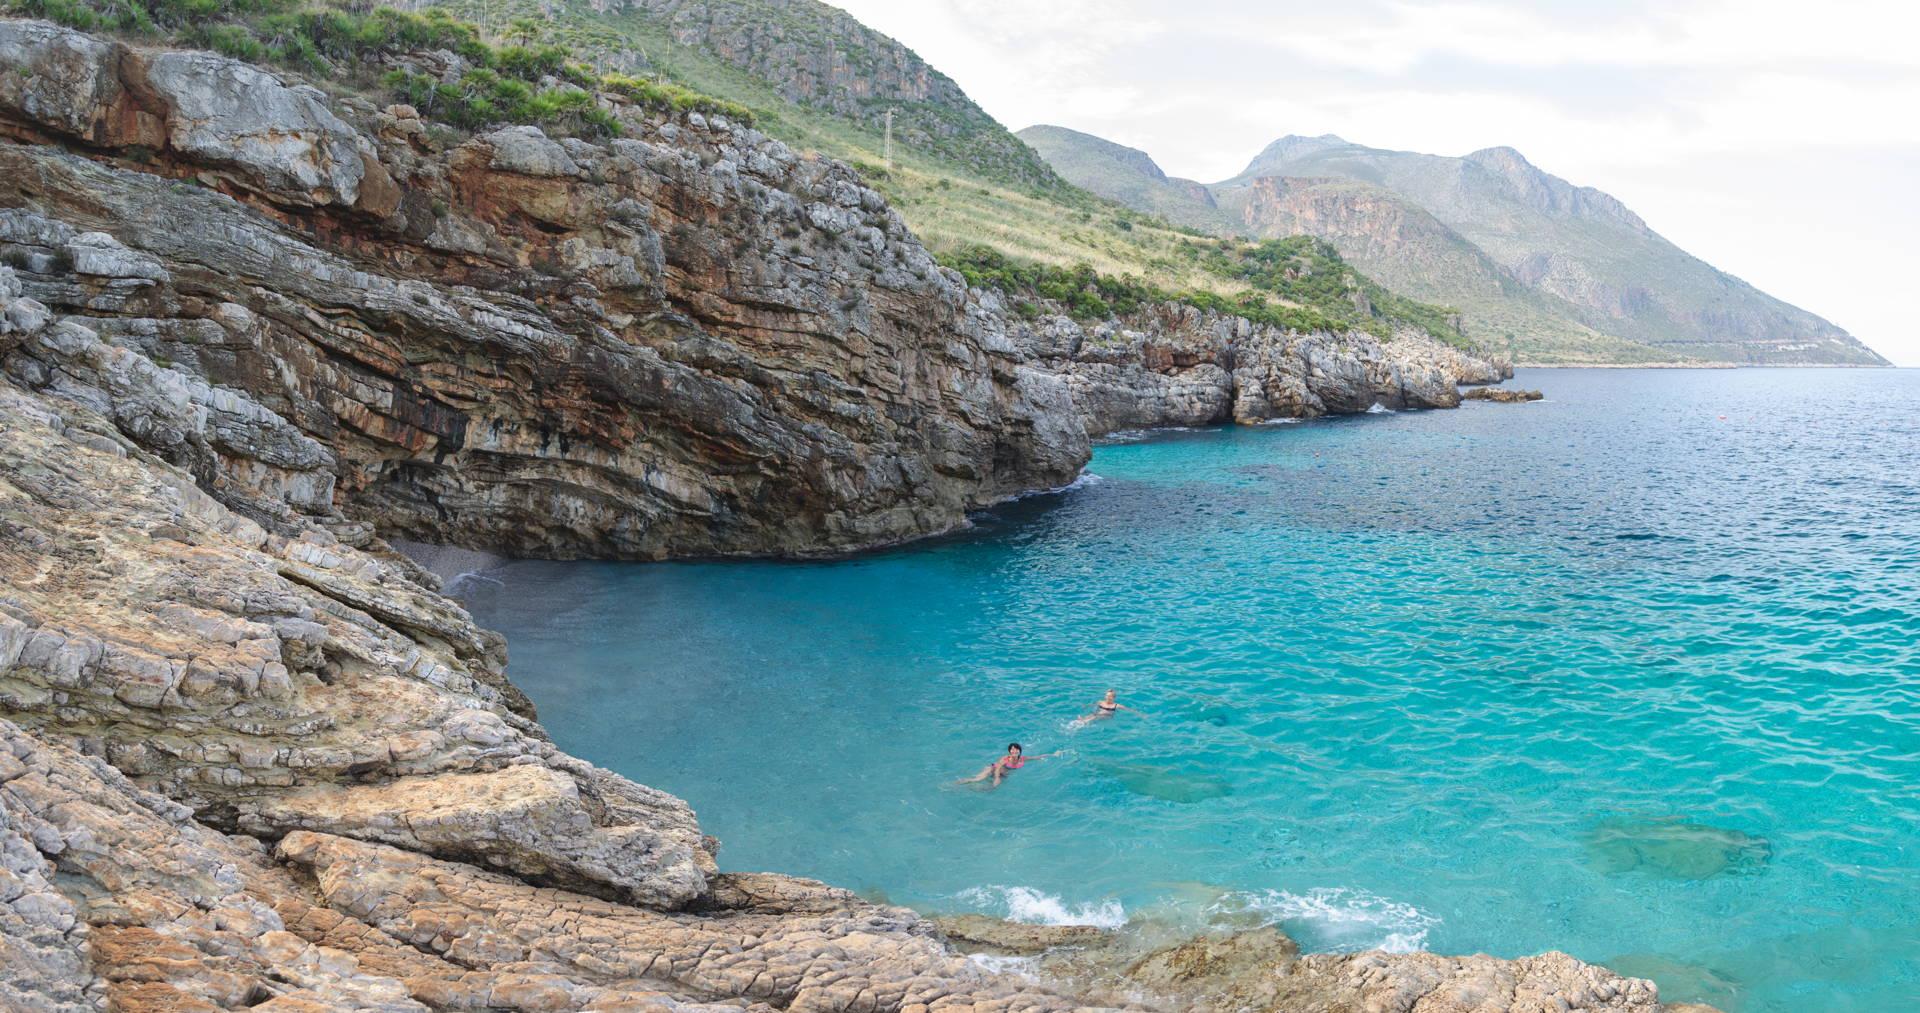 cala marinela, marinela zingaro, marinela beach zingaro, best beach of zingaro, zingaro nature reserve marinela, best beaches of sicily, travel blog sicily